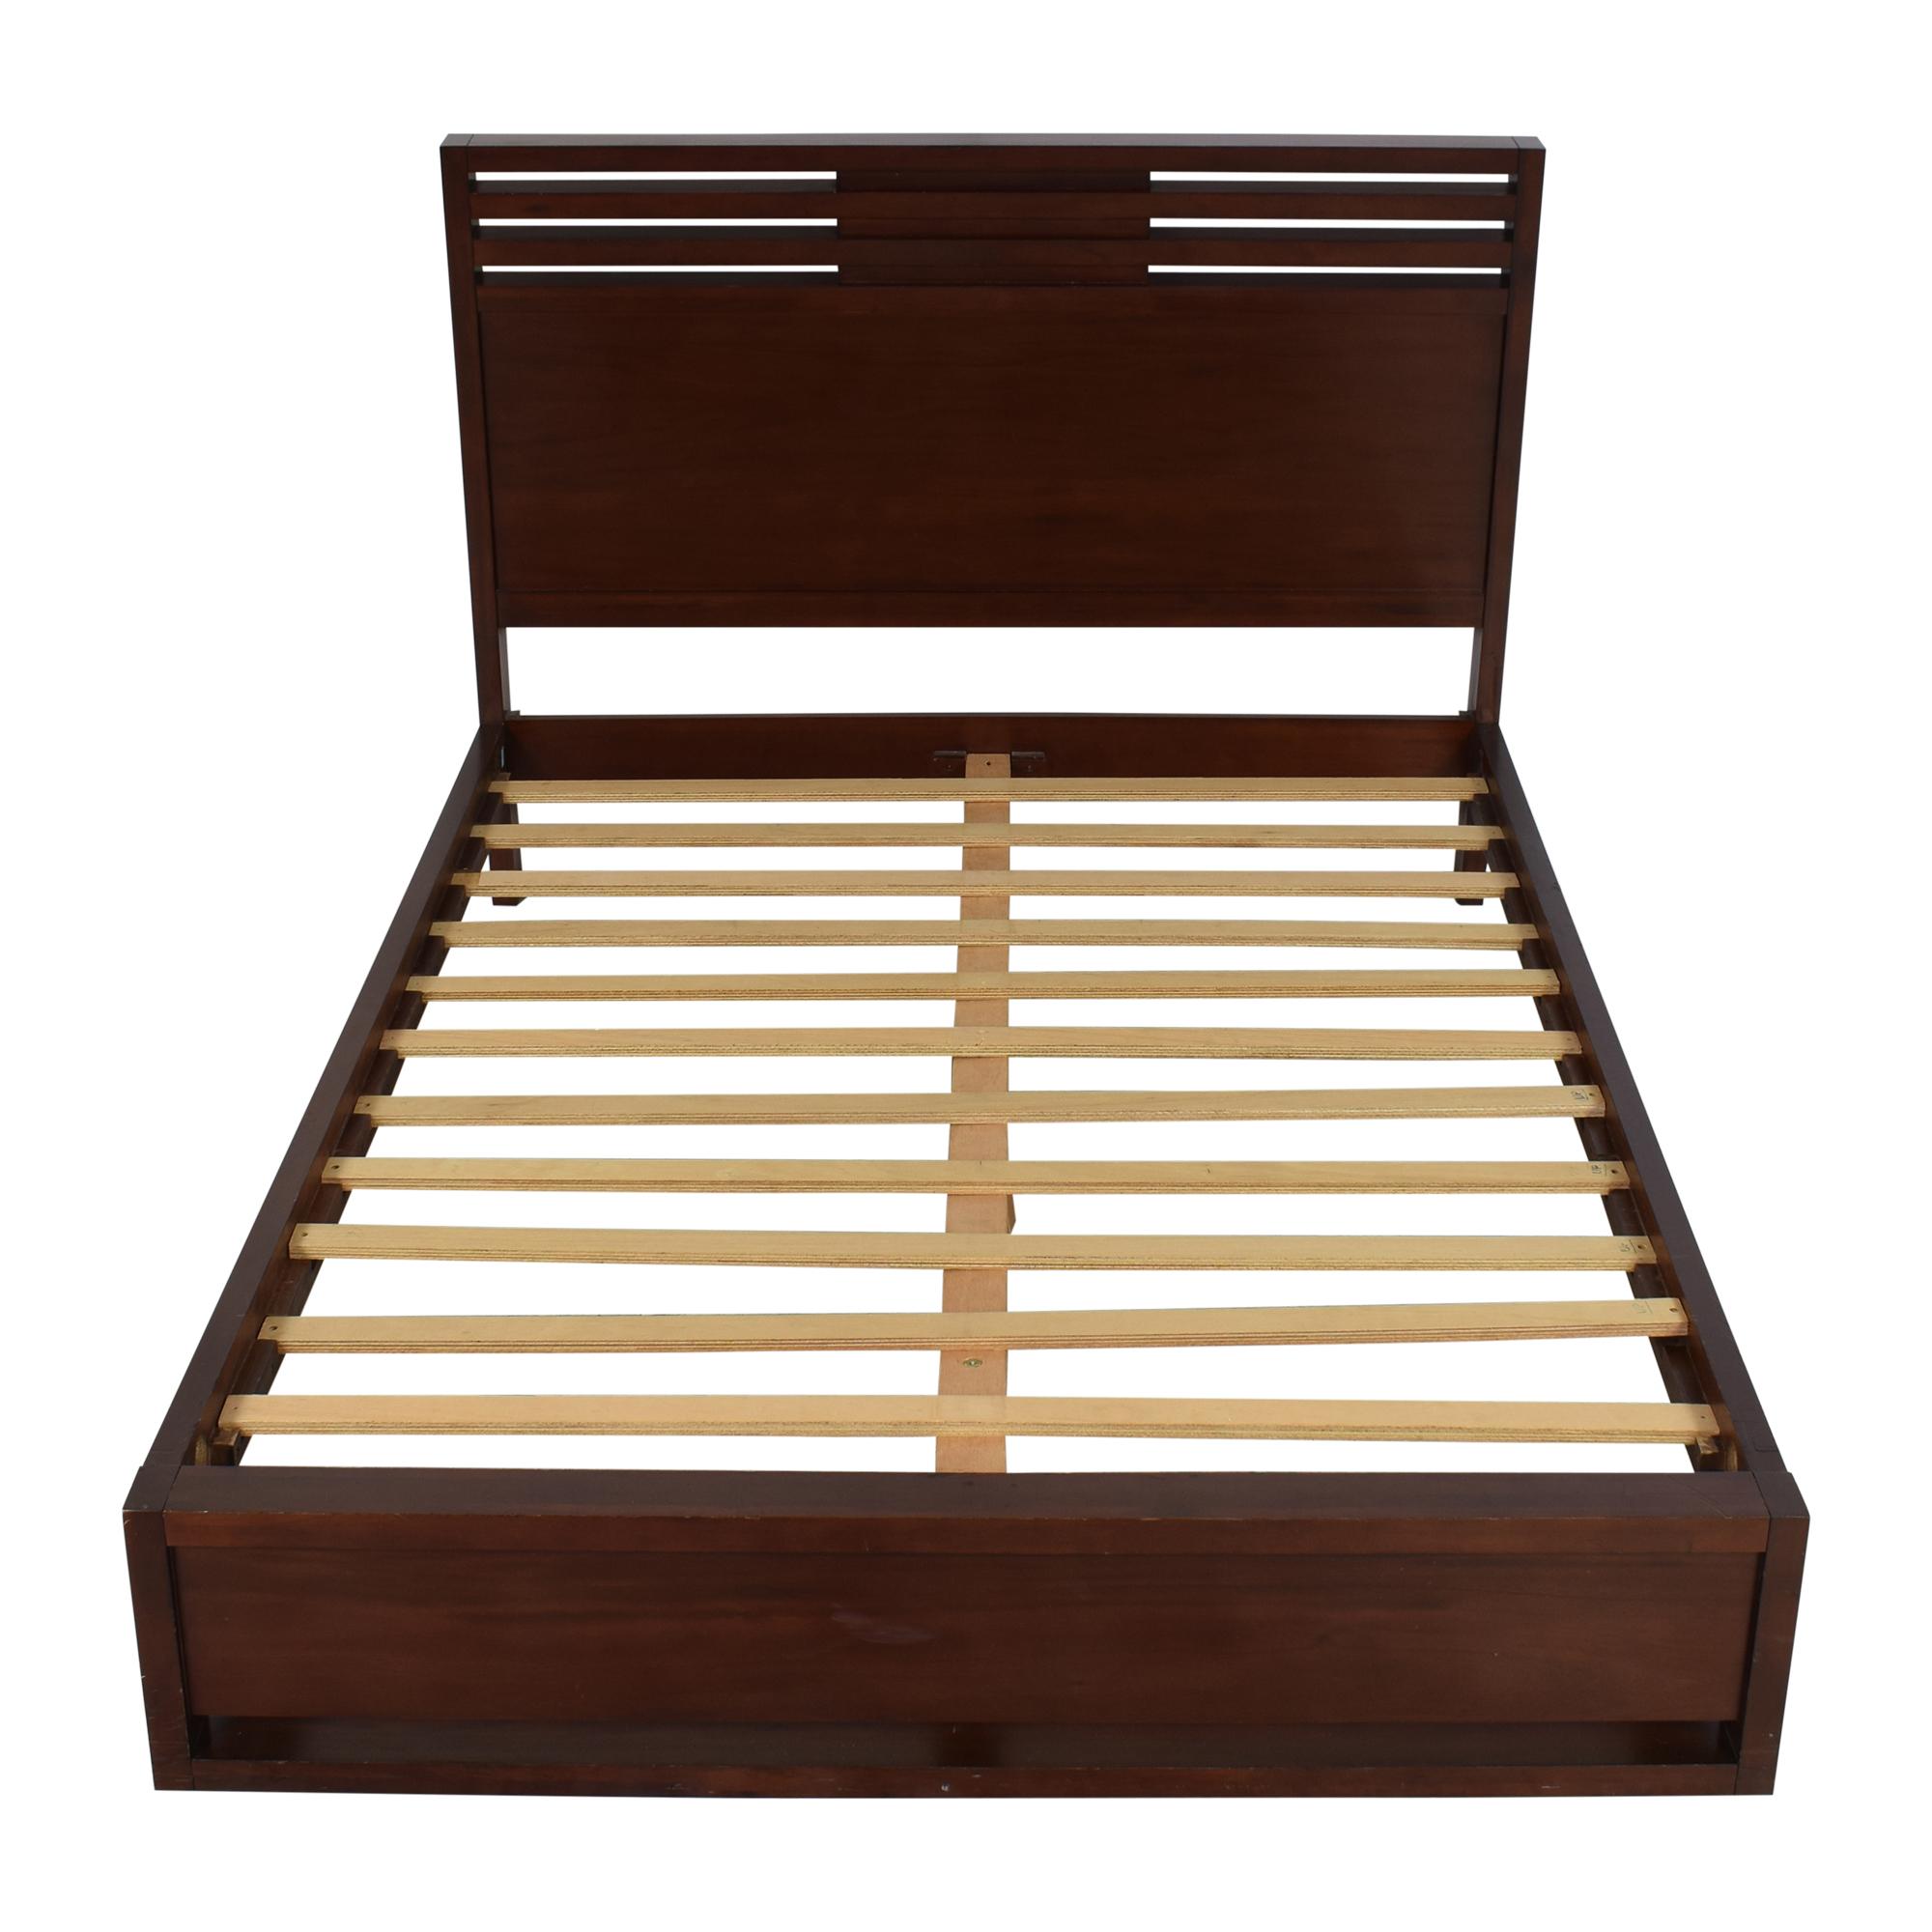 Casana Furniture Casana Queen Platform Bed nj